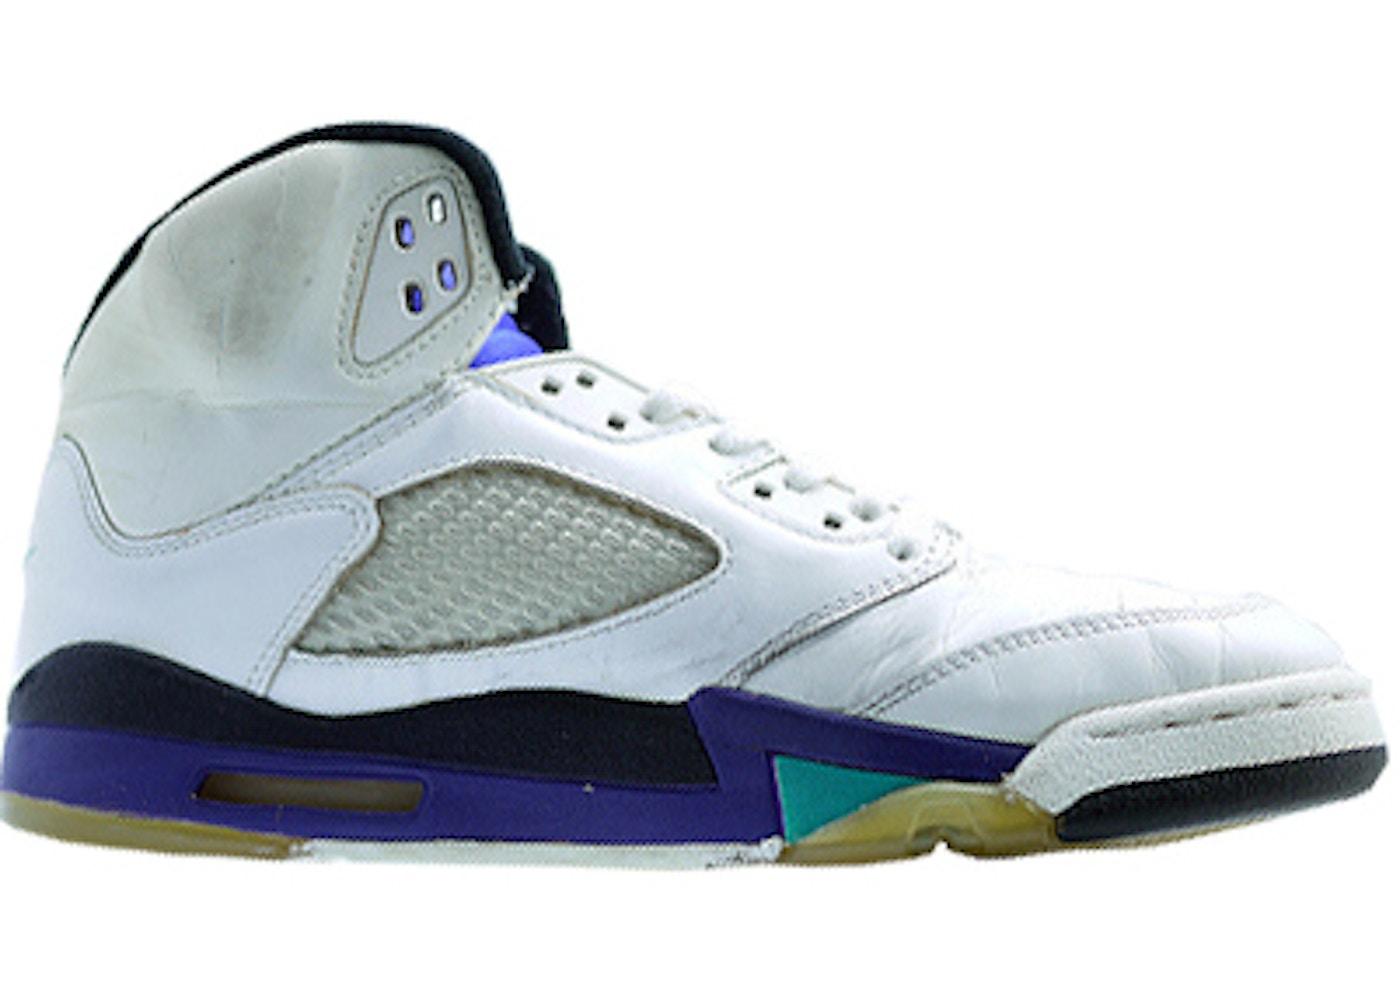 94f64bb176b Jordan 5 OG Grape (1990) - 4490